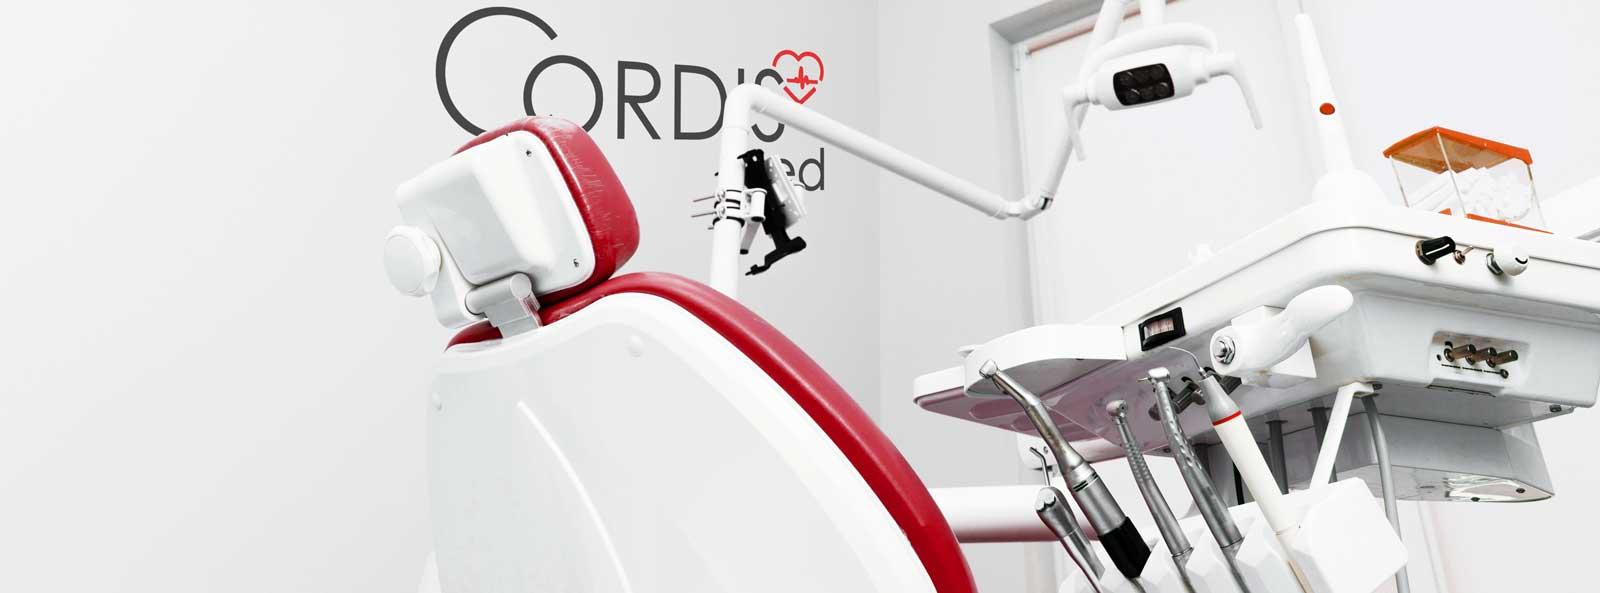 Установка, монтаж стоматологического оборудования и ввод в эксплуатацию стоматологической техники в Москве и МО